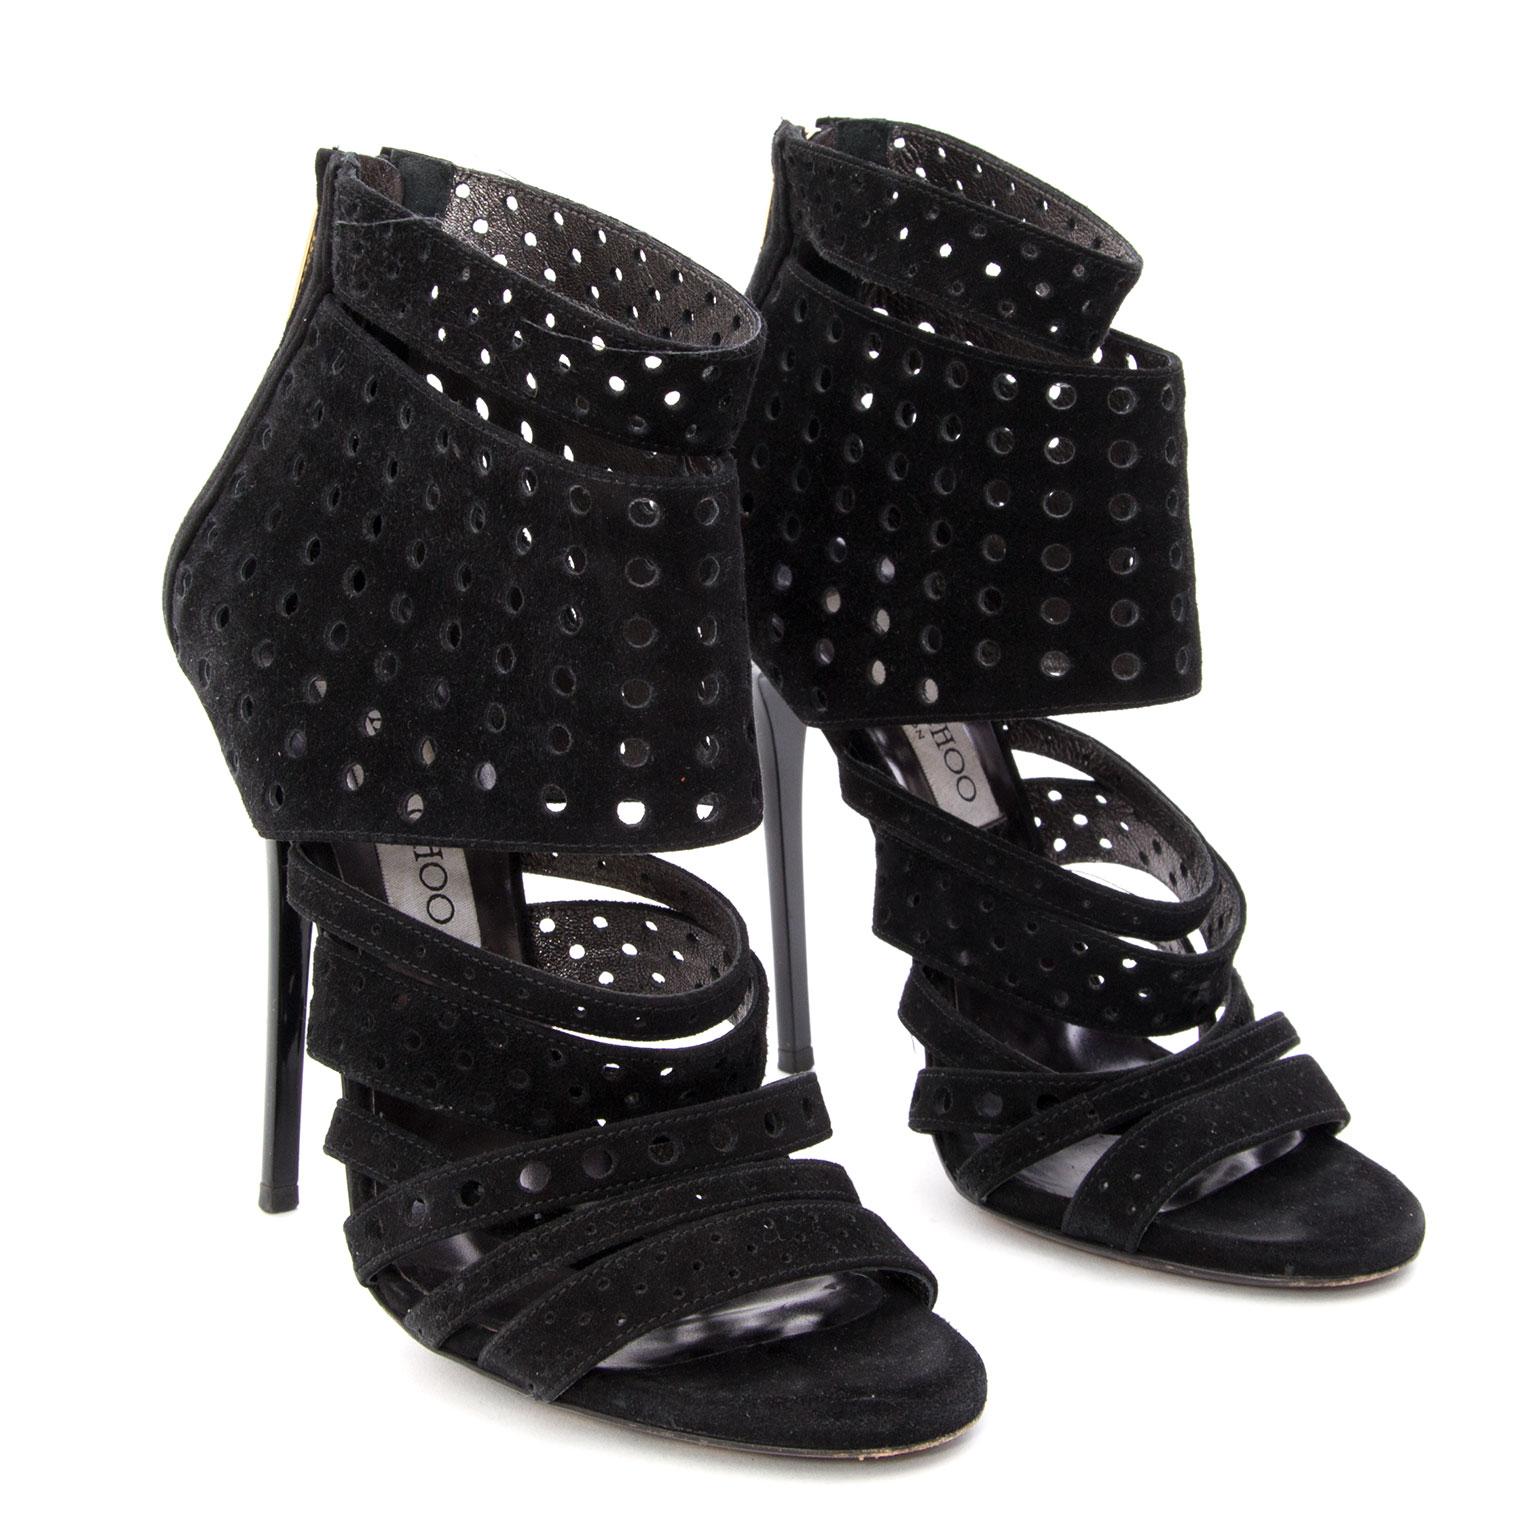 koop veilig online tweedehands Jimmy Choo 'Malika' Perforated Heels.